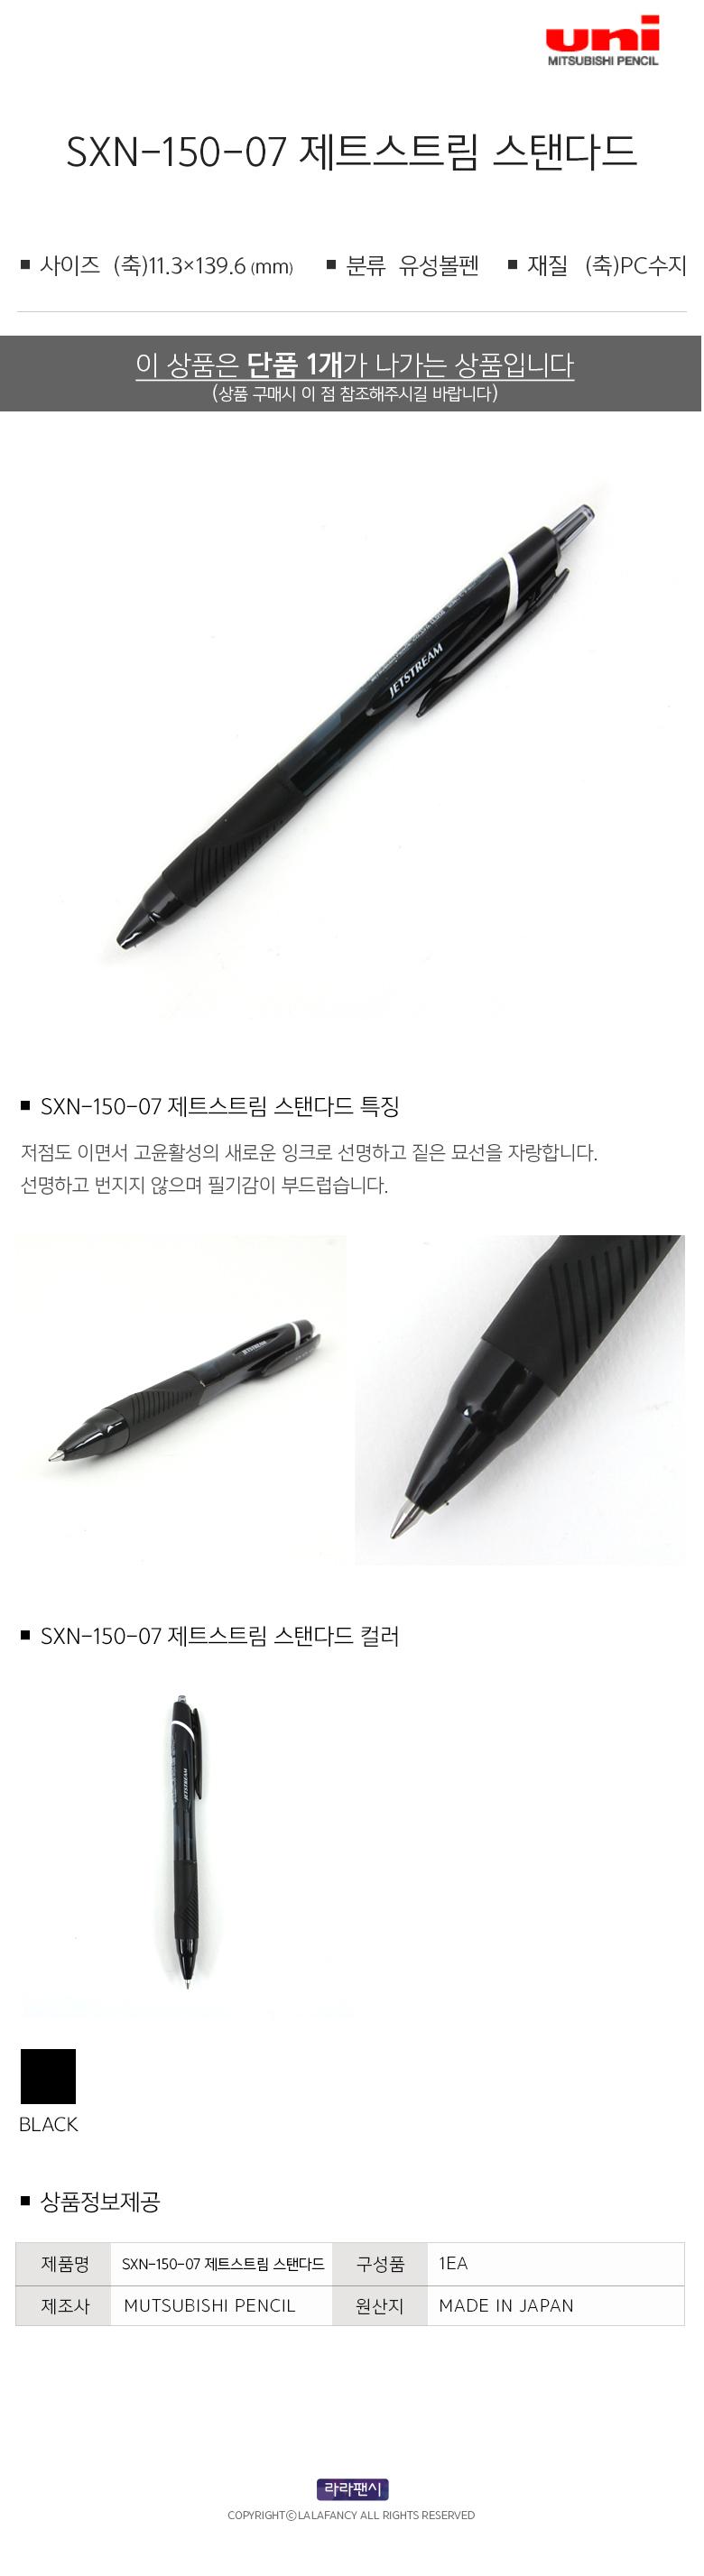 미쓰비시 제트스트림 볼펜 0.7mm SXN-150-07 - 라라팬시, 1,260원, 볼펜, 심플 볼펜